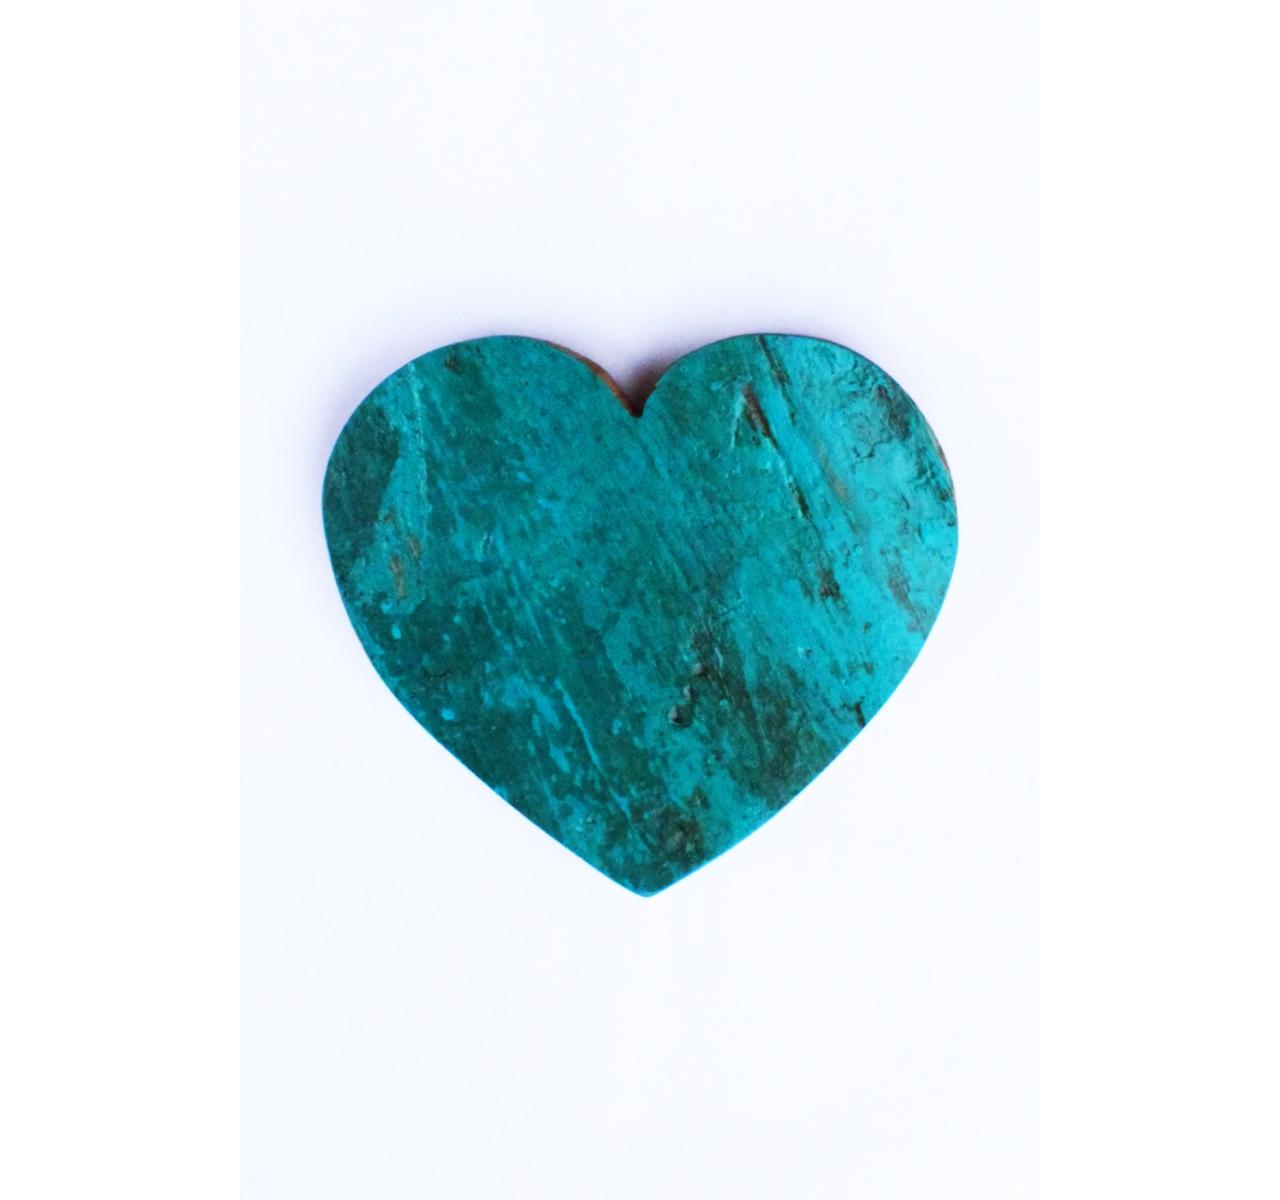 Сердце ЛюбовьДругое<br>Бирюзовое сердце из индонезийского тика – символ не только вашей любви к человеку, которому вы его подарите, но и бренда Like Lodka к природе. При изготовлении мебели и декора они не срубают живых деревьев, a дают вторую жизнь старым рыбацким лодкам. Это не только экологичный и стильный декор, это вещи с душой и историей.&amp;lt;div&amp;gt;&amp;lt;br&amp;gt;&amp;lt;/div&amp;gt;&amp;lt;div&amp;gt;Сердце выполненное из фрагмента настоящего рыболовецкого судна, возраст которого 20-50 лет.&amp;lt;/div&amp;gt;<br><br>Material: Тик<br>Length см: 13<br>Depth см: 2<br>Height см: 14